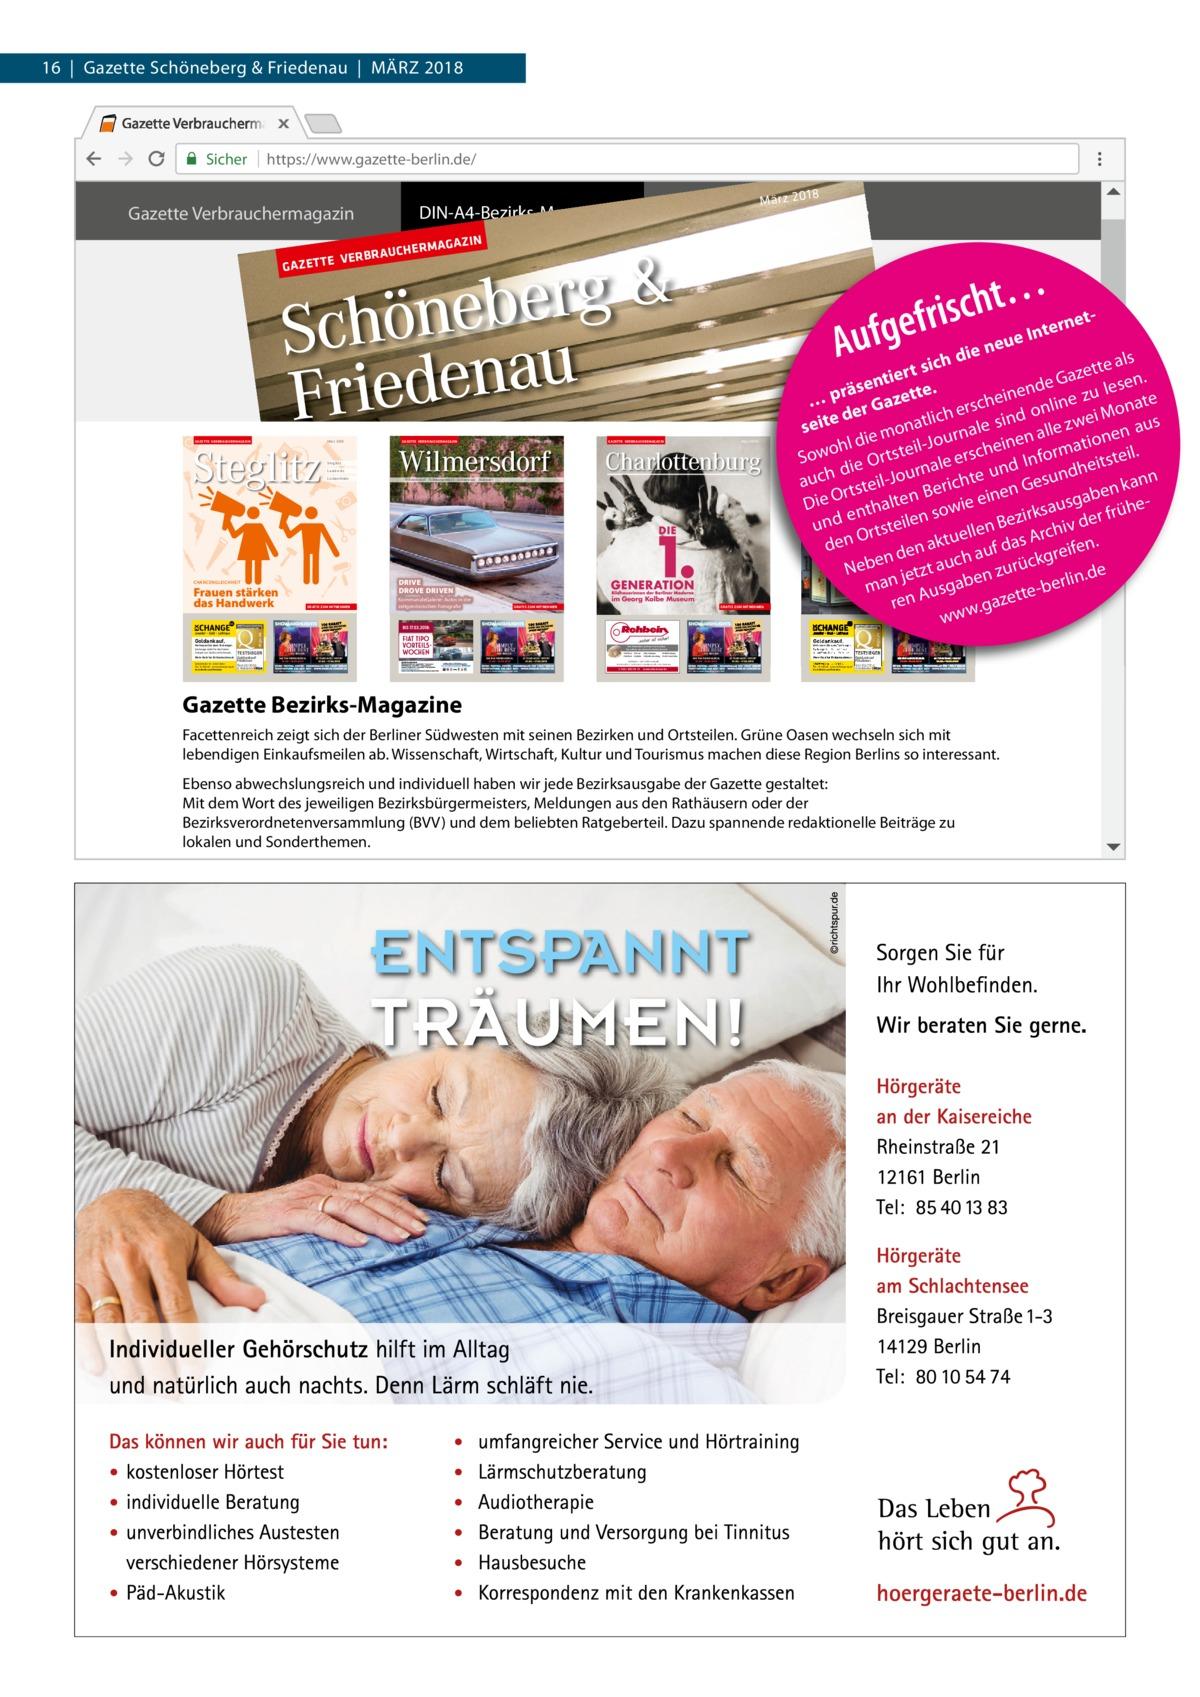 16|Gazette Schöneberg & Friedenau|MäRZ 2018  x https://www.gazette-berlin.de/  Gazette Verbrauchermagazin  GAZETTE VERBRAUCHERMAGAZIN  Steglitz  VERBR A  März 2018  Steglitz Lankwitz Lichterfelde  GAZETTE VERBRAUCHERMAGAZIN  März 2018  Wilmersdorf  GRATIS ZUM MITNEHMEN  t… rneth c s i r f e Aufge h die neue Int  GAZETTE VERBRAUCHERMAGAZIN  ls sic tte a tiert . Gaze esen. n e e d s l n e rä eine e zu te … p r Gazett ersch nd onlin ei Mona e h d c i l e i t t s w a us z n e a sei l e o l al en r na em hl di steil-Jou scheinen rmation il. o w rt So er Info heitste die O rnale d und auch tsteil-Jou erichte n Gesun ann en k B e r b n O n i a e e e g t i l s e D a heau sowi e nt h zirks v der frü e B und rtsteilen en hi O tuell s Arc . den en ak h auf da kgreifen d n c eIm Bilde mit c u b der ü a e r N Ladenstraße jetzt en zu in.de man Ausgab -berl e t t e n re .gaz www GAZETTE VERBRAUCHERMAGAZIN  März 2018  KommunaleGalerie: Autos in der zeitgenössischen Fotografie  TESTSIEGER GoldankaufFilialisten Test 02/2016 6 Anbieter  März 2018  Zehlendorf  Charlottenburg  Wilmersdorf · Schmargendorf · Grunewald · Halensee  dtgv.de  Frauen stärken das Handwerk  Mehr Geld für Brillantschmuck  AG AZIN  Zehlendorf · Nikolassee · Schlachtensee · Dahlem · Wannsee  DRIVE DROVE DRIVEN  CHANCENGLEICHHEIT  Vertrauen Sie dem Testsieger. Exchange steht für den fairen Ankauf von Gold und Schmuck.  UCHERM  DIN-A5-Ortsteil-Journale  & g r e b Schöne au Frieden G AZETTE  Goldankauf.  März 2018  DIN-A4-Bezirks-Magazine  Großprojektion informiert über die Geschichte der Einkaufspassage  im Georg Kolbe Museum GRATIS ZUM MITNEHMEN  GRATIS ZUM MITNEHMEN  GRATIS ZUM MITNEHMEN  dtgv.de  Sicher  Goldankauf.  Vertrauen Sie dem Testsieger. Exchange steht für den fairen Ankauf von Gold und Schmuck.  Die Sicherheit zu Hause ist kostbar. Sie sollten sie einem Profi überlassen! I Schlösser ITresore I Alarmanlagen I Schließanlagen I Schlüssel IZylinder I Videoüberwachung I Zutrittskontrollen  Mehr Geld für Brill